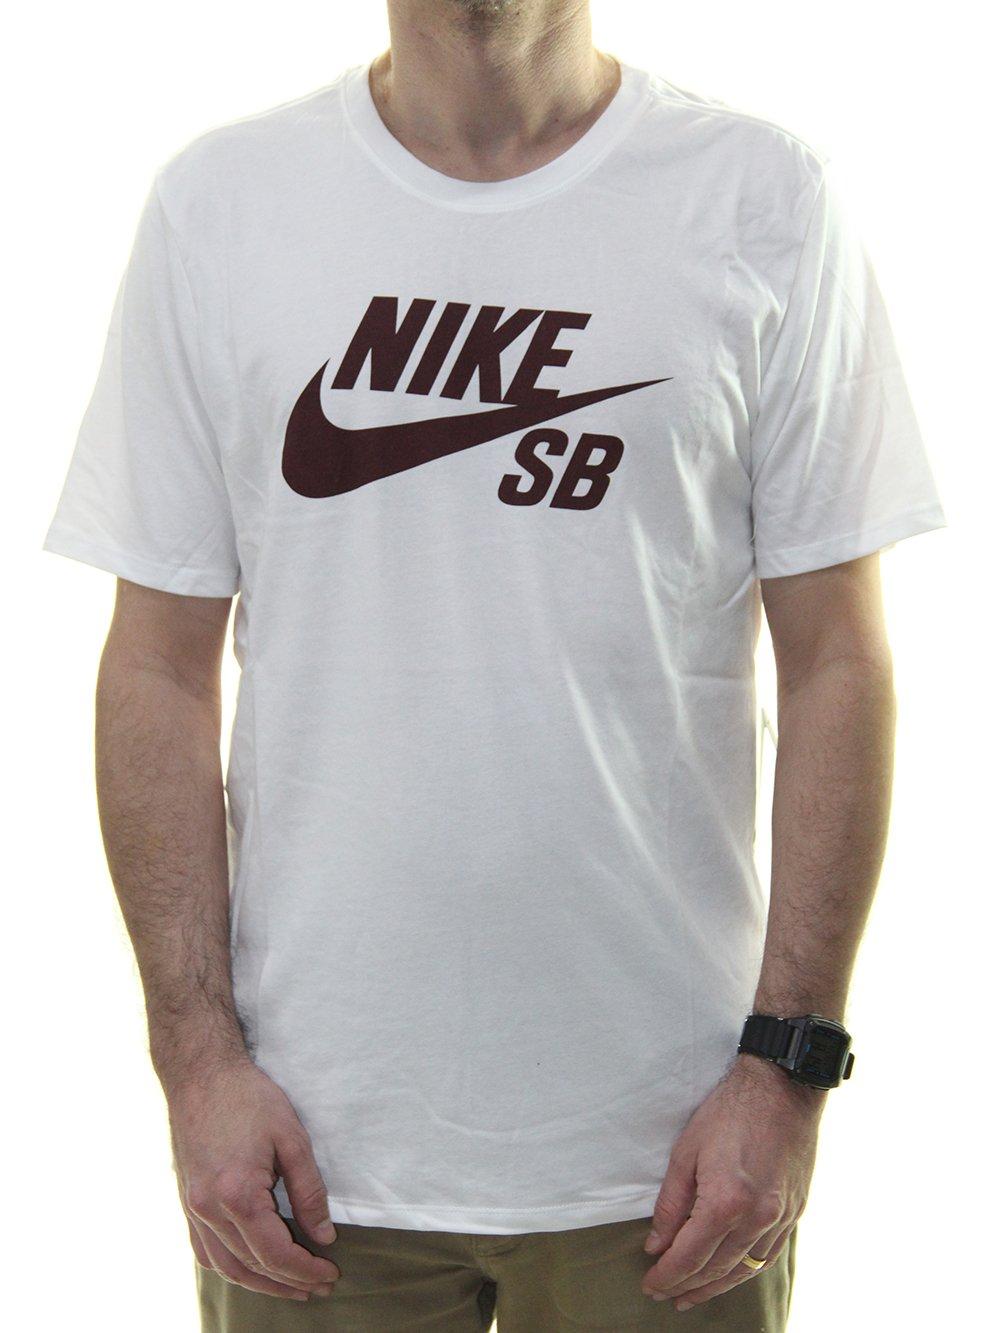 5a34ea462715 Camiseta Masculina Nike SB Logo Tee Estampada - Branco - Session Store